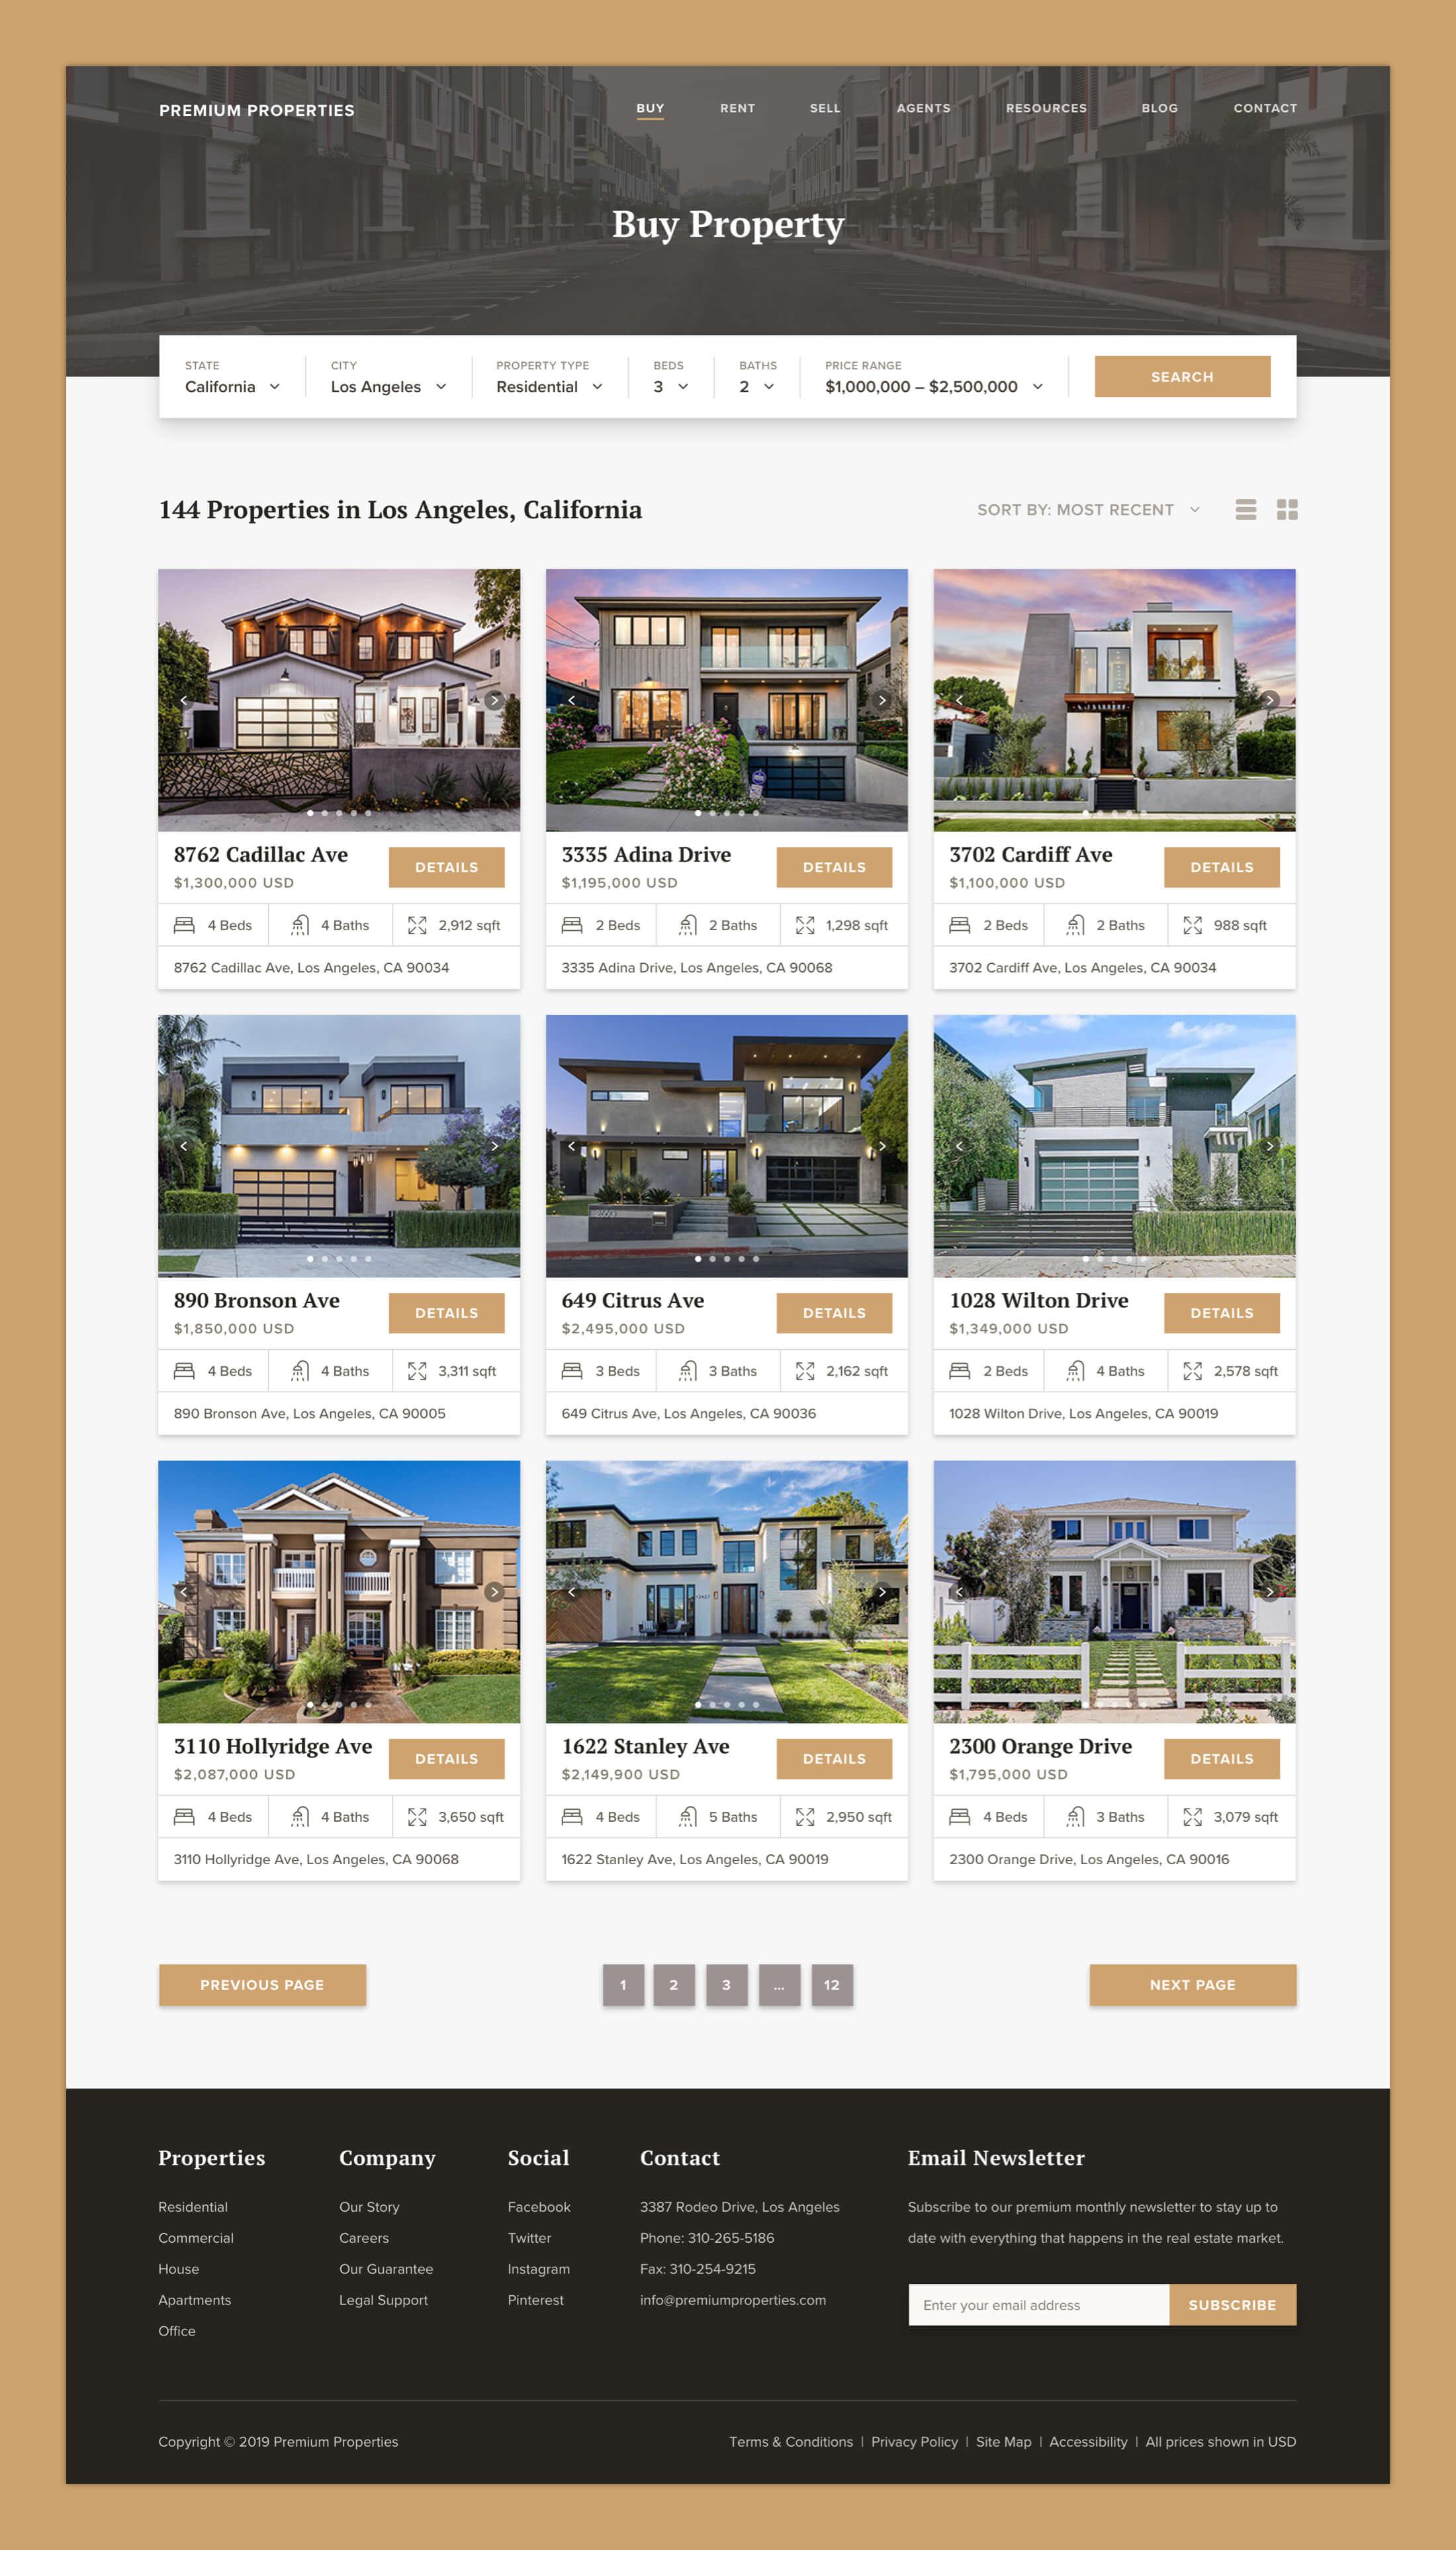 Premium Properties - Property Listings